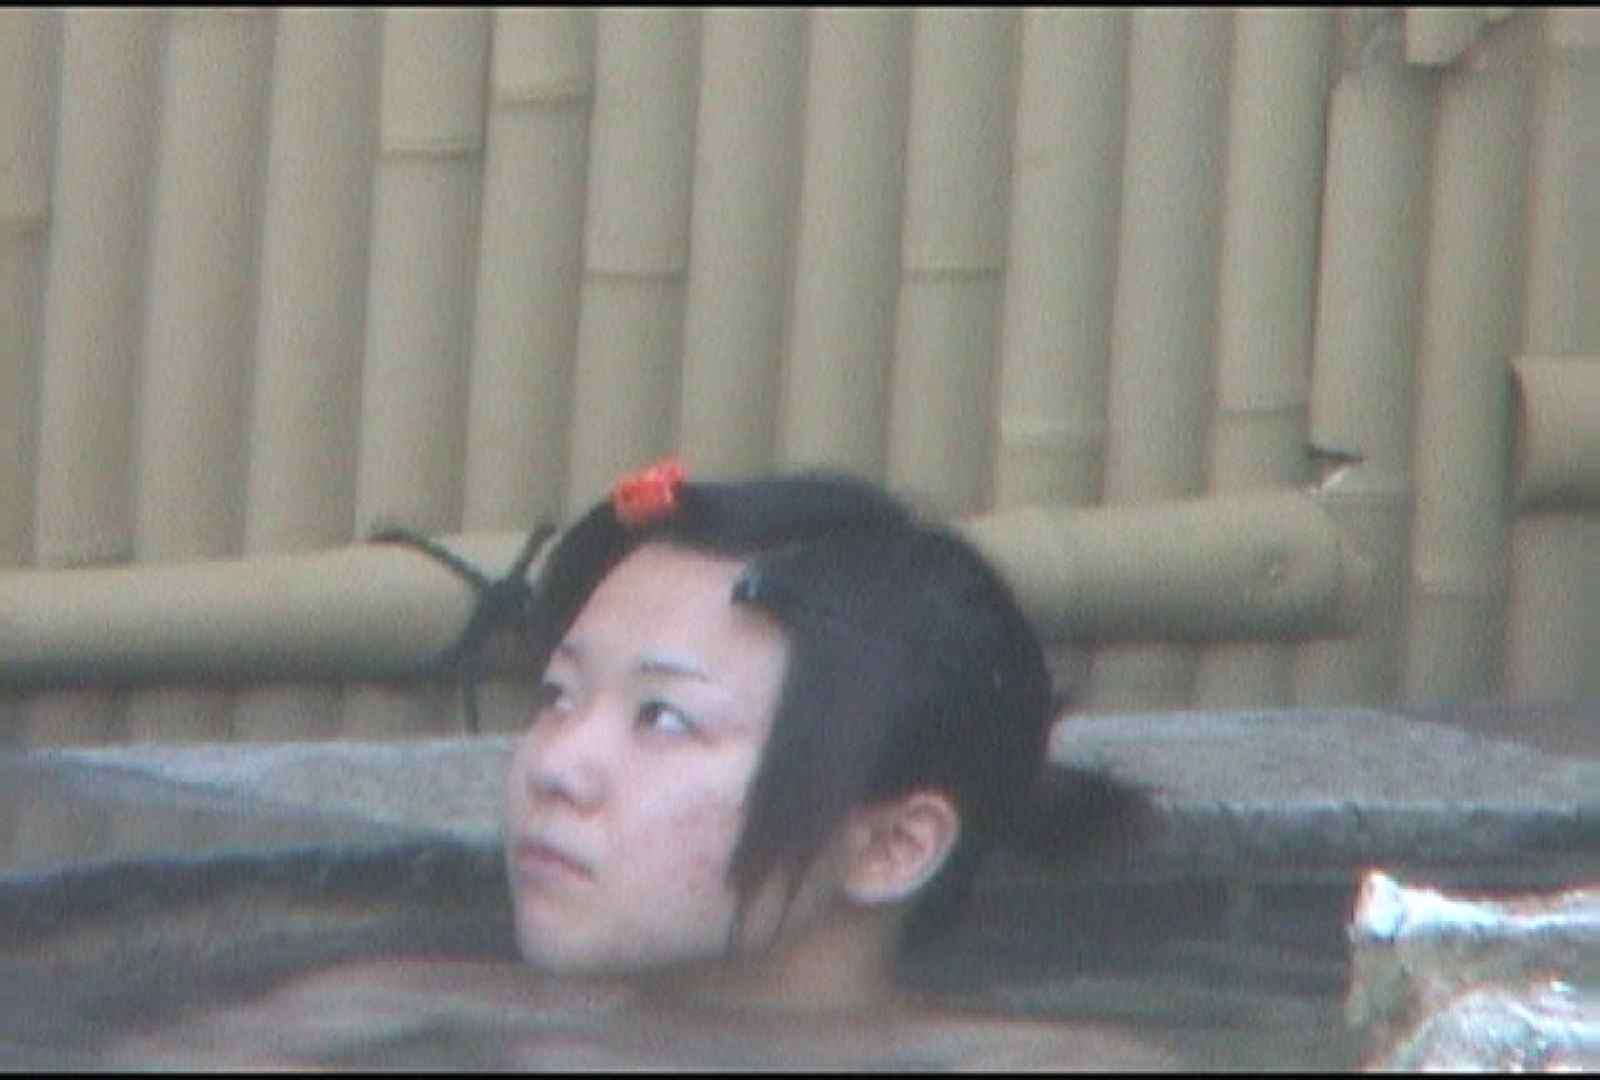 Aquaな露天風呂Vol.175 露天 | 綺麗なOLたち  99枚 55